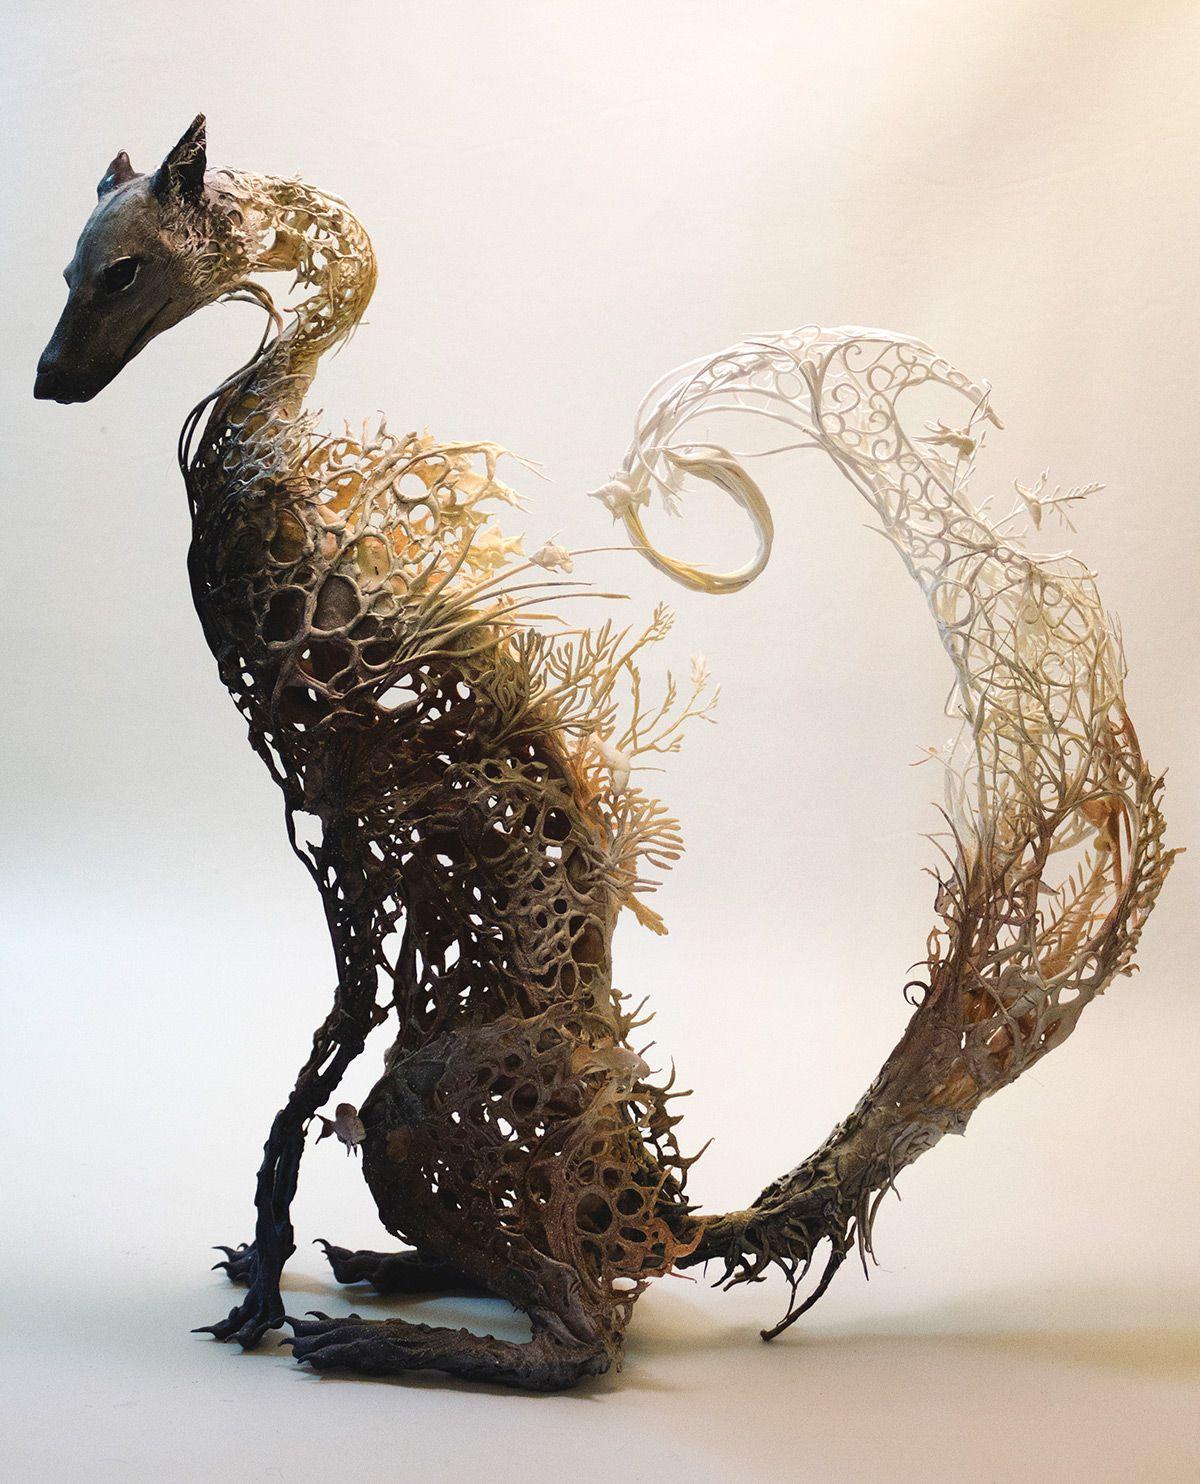 escultura de un zorro hecha con plantas por Ellen Jewett